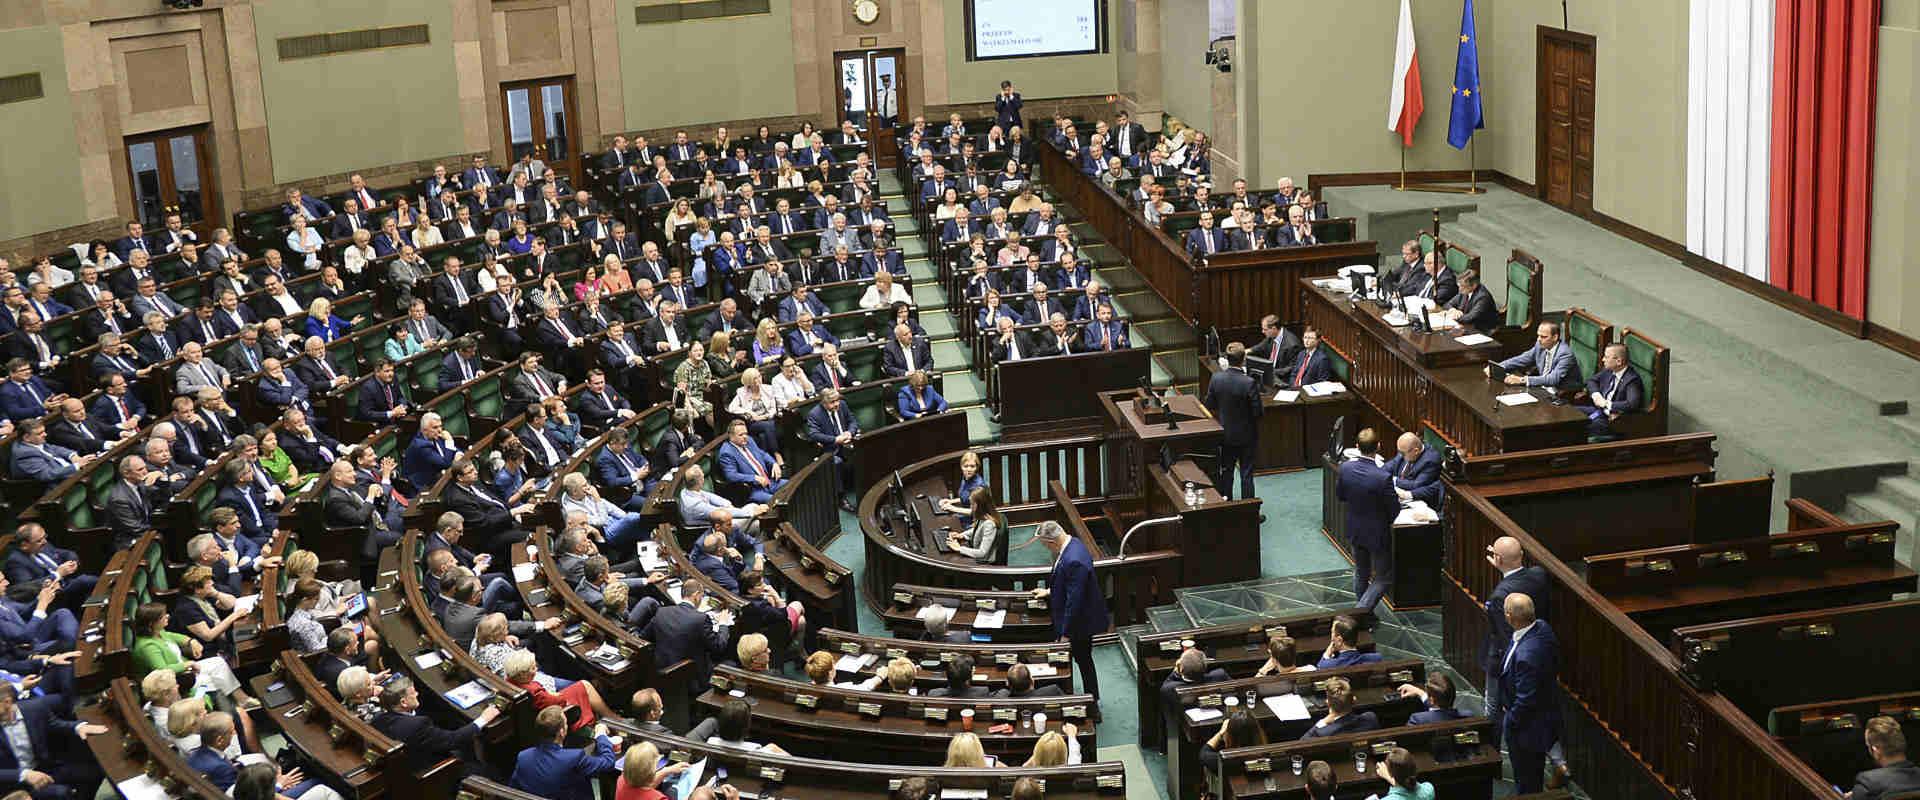 חברי הפרלמנט הפולני מצביעים על חוק השואה, בחודש שע